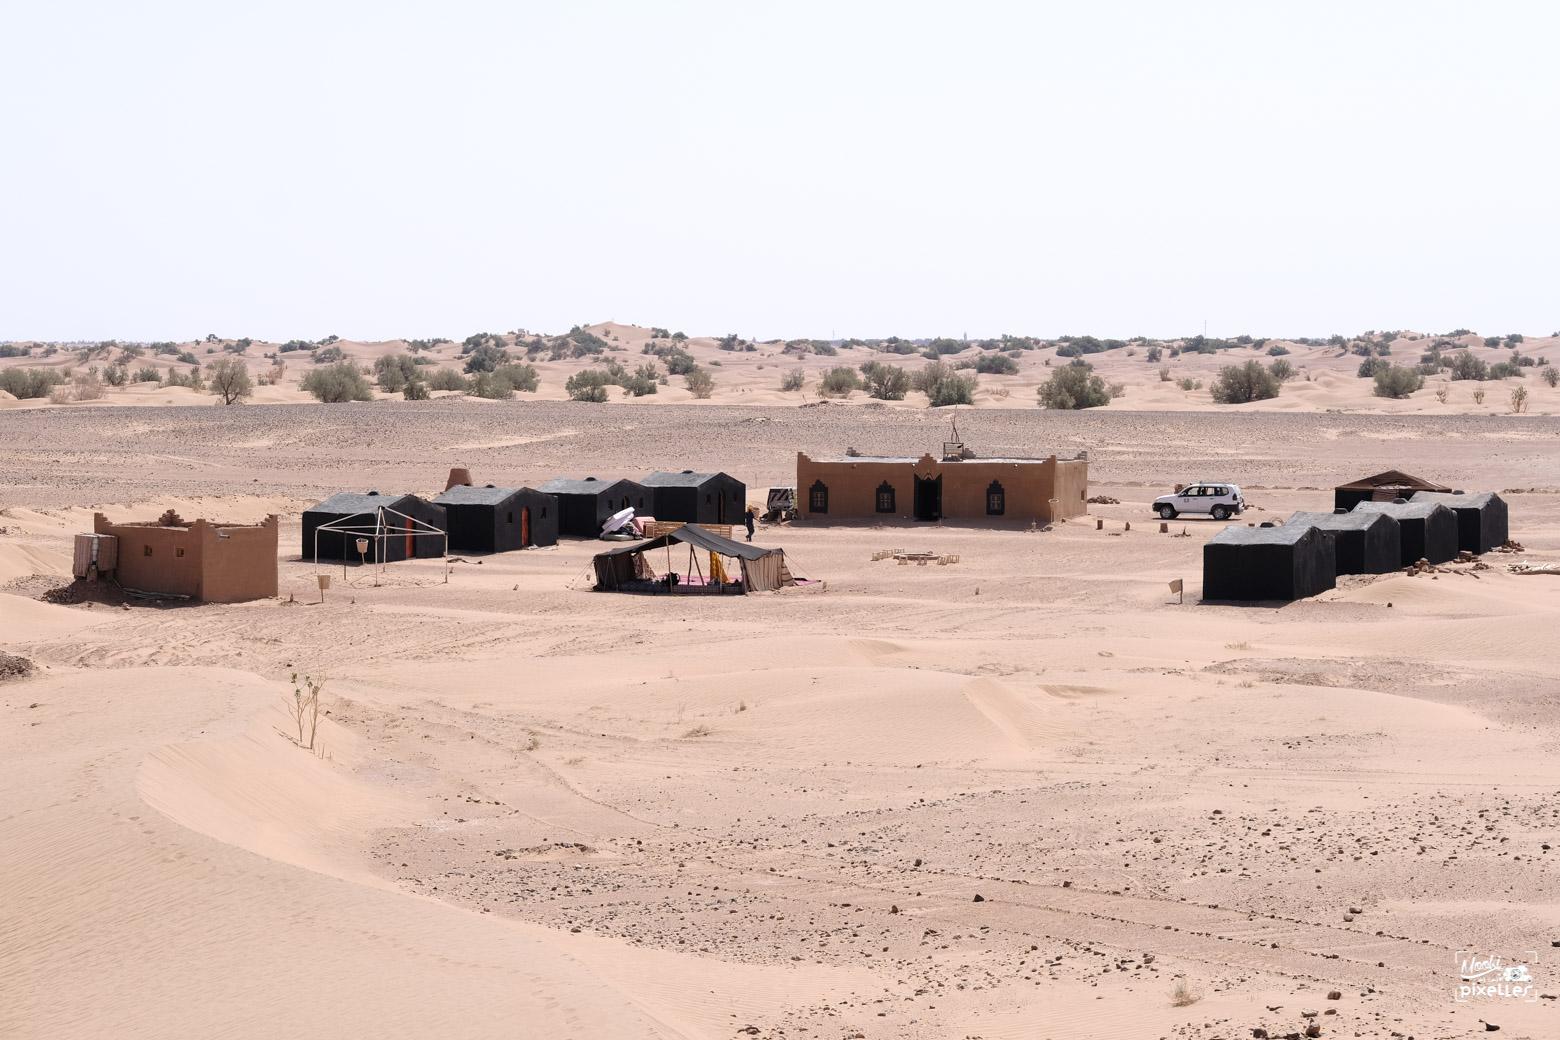 Bivouac de Mbark à M'hamid au Maroc